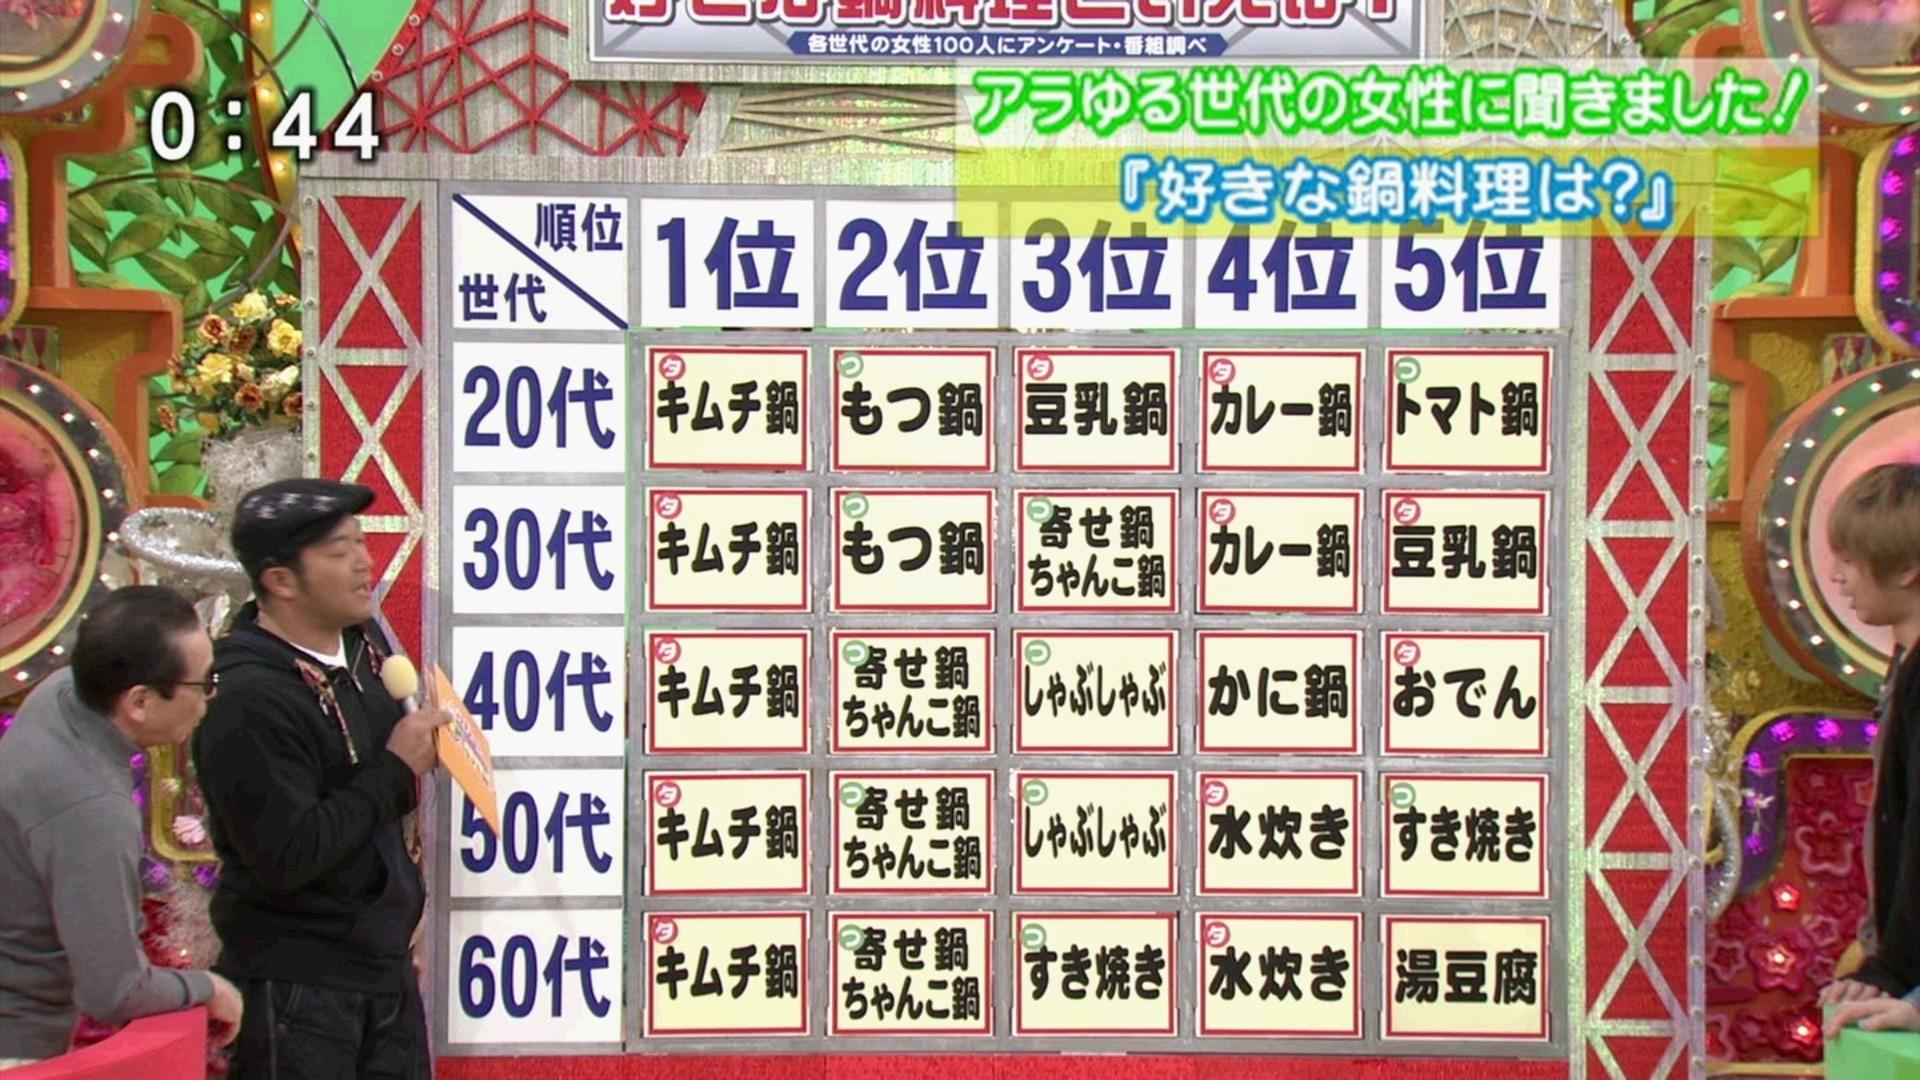 http://pds.exblog.jp/pds/1/201312/10/84/d0044584_1001918.jpg